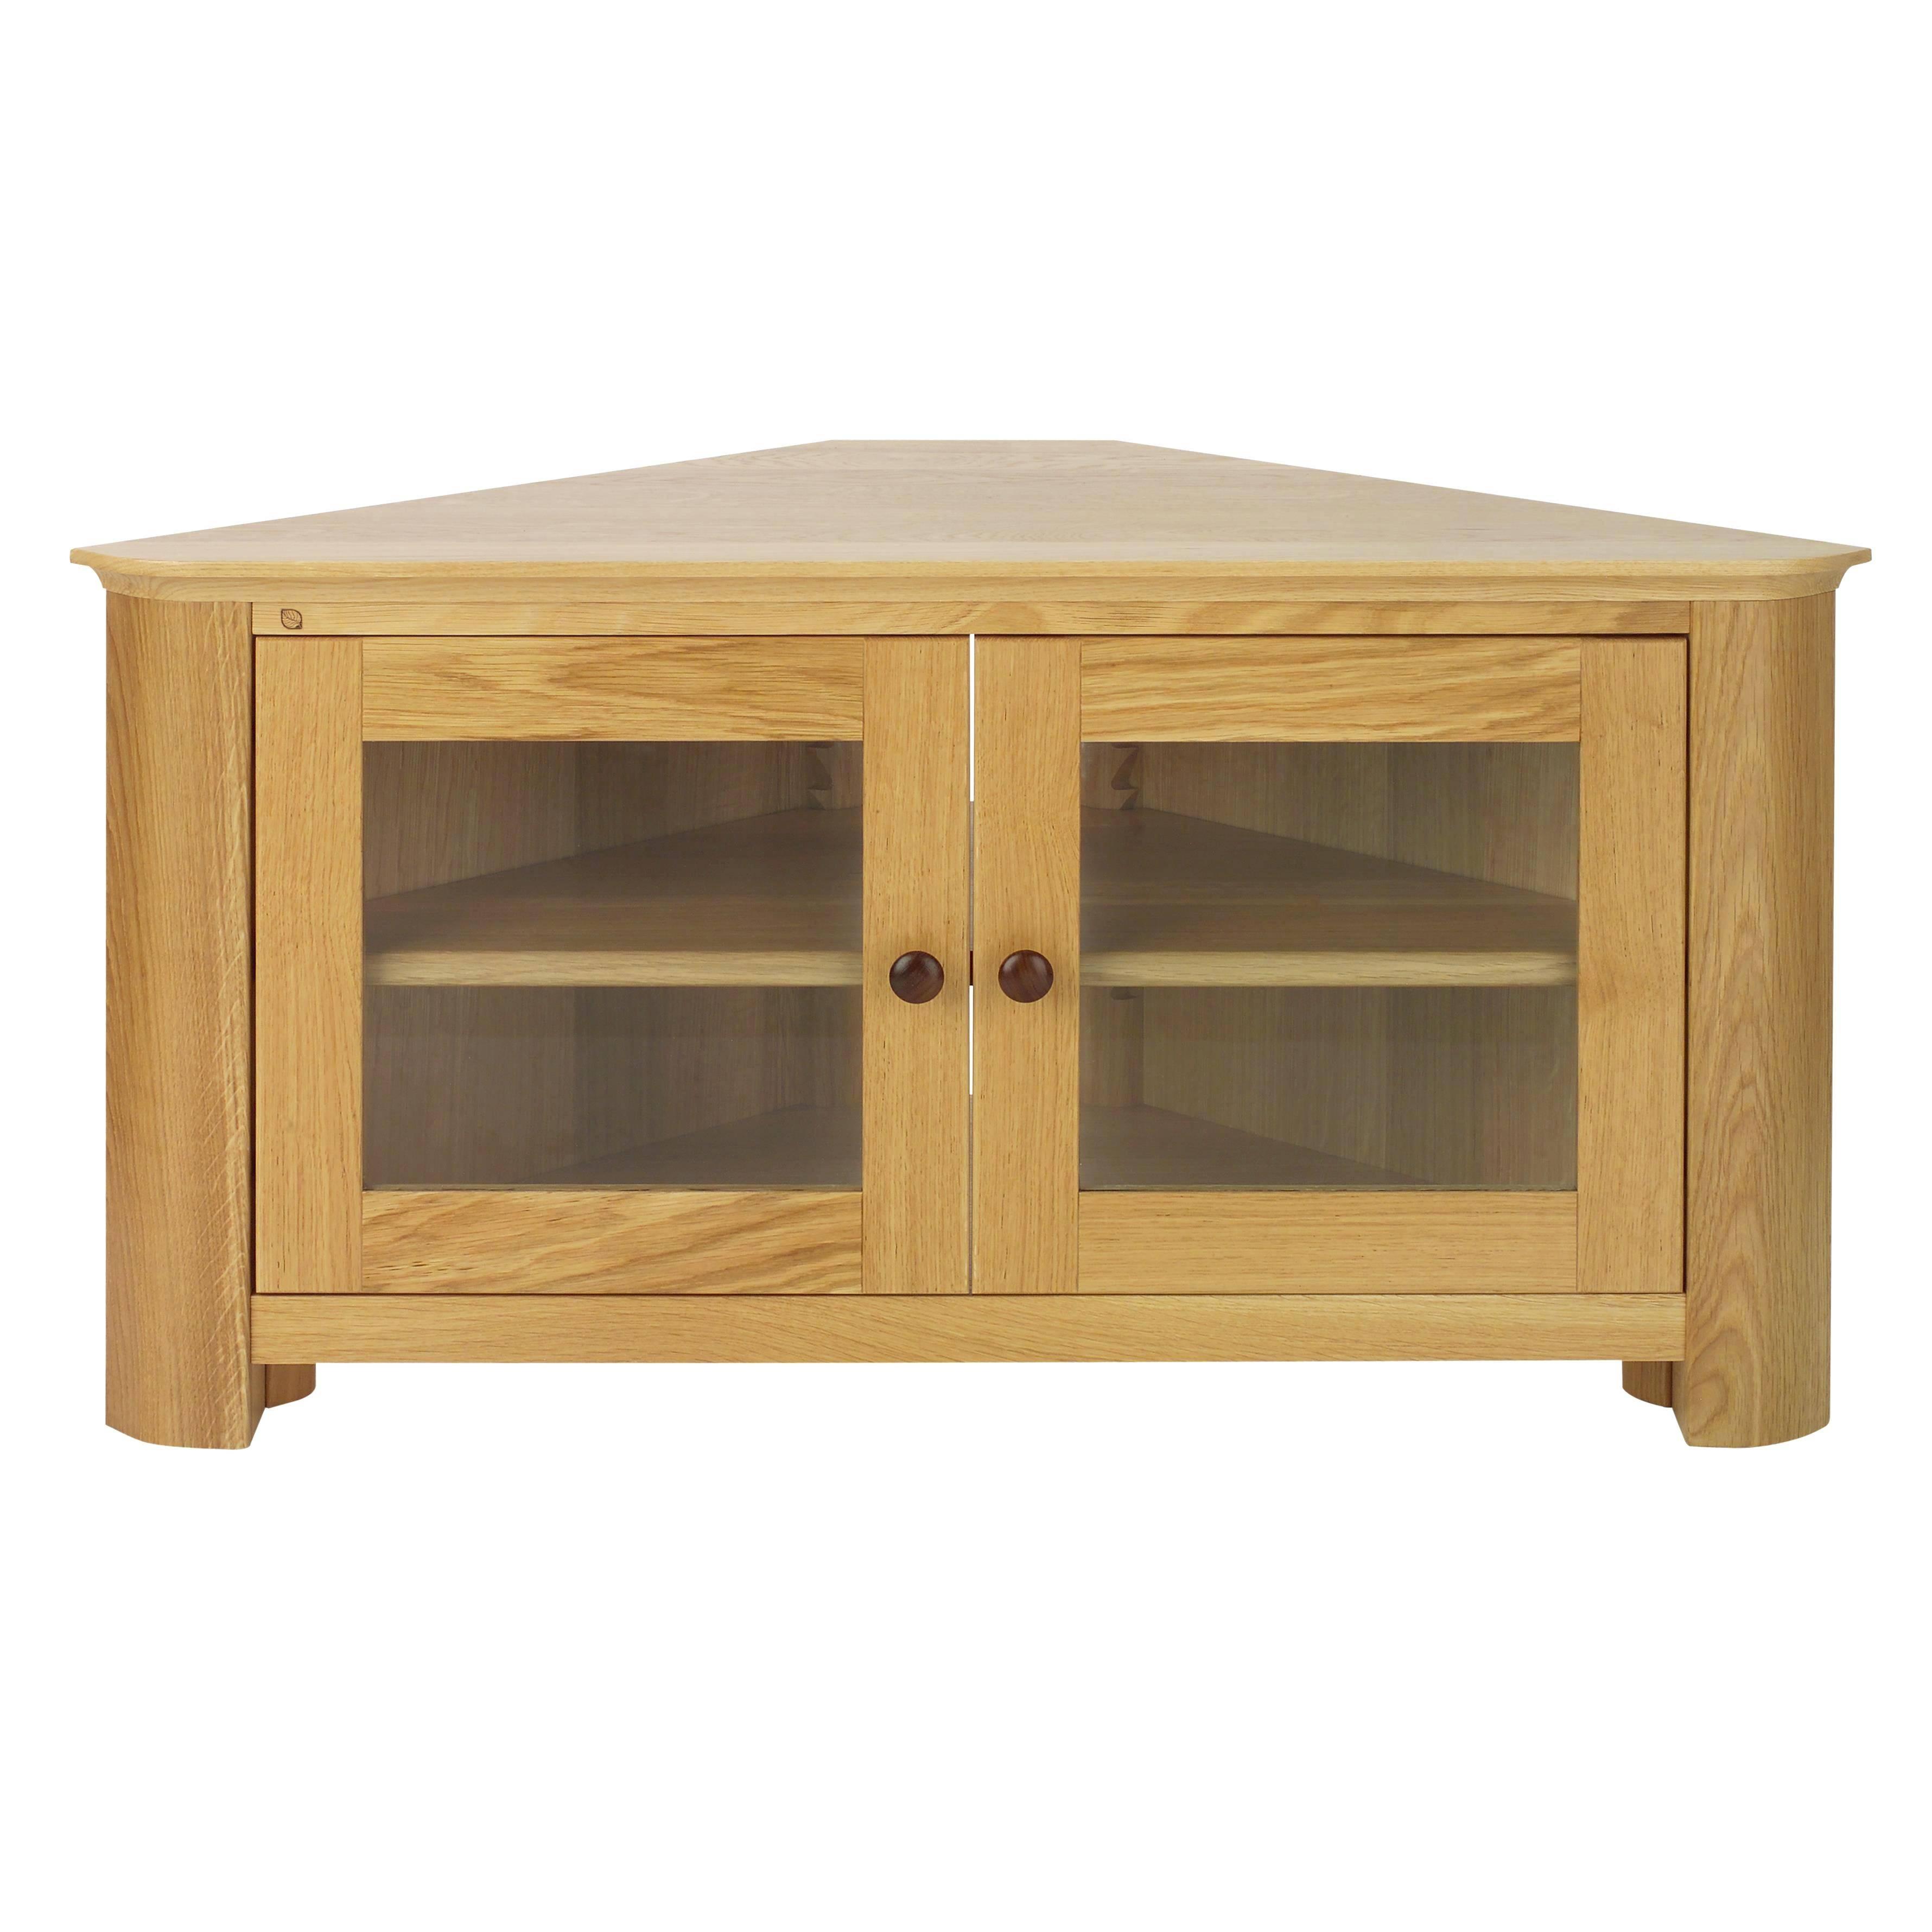 Tv Stand : Glass Door Tv Cabinet Uk Wonderful Glass Tv Stand With in Glass Tv Cabinets With Doors (Image 14 of 15)